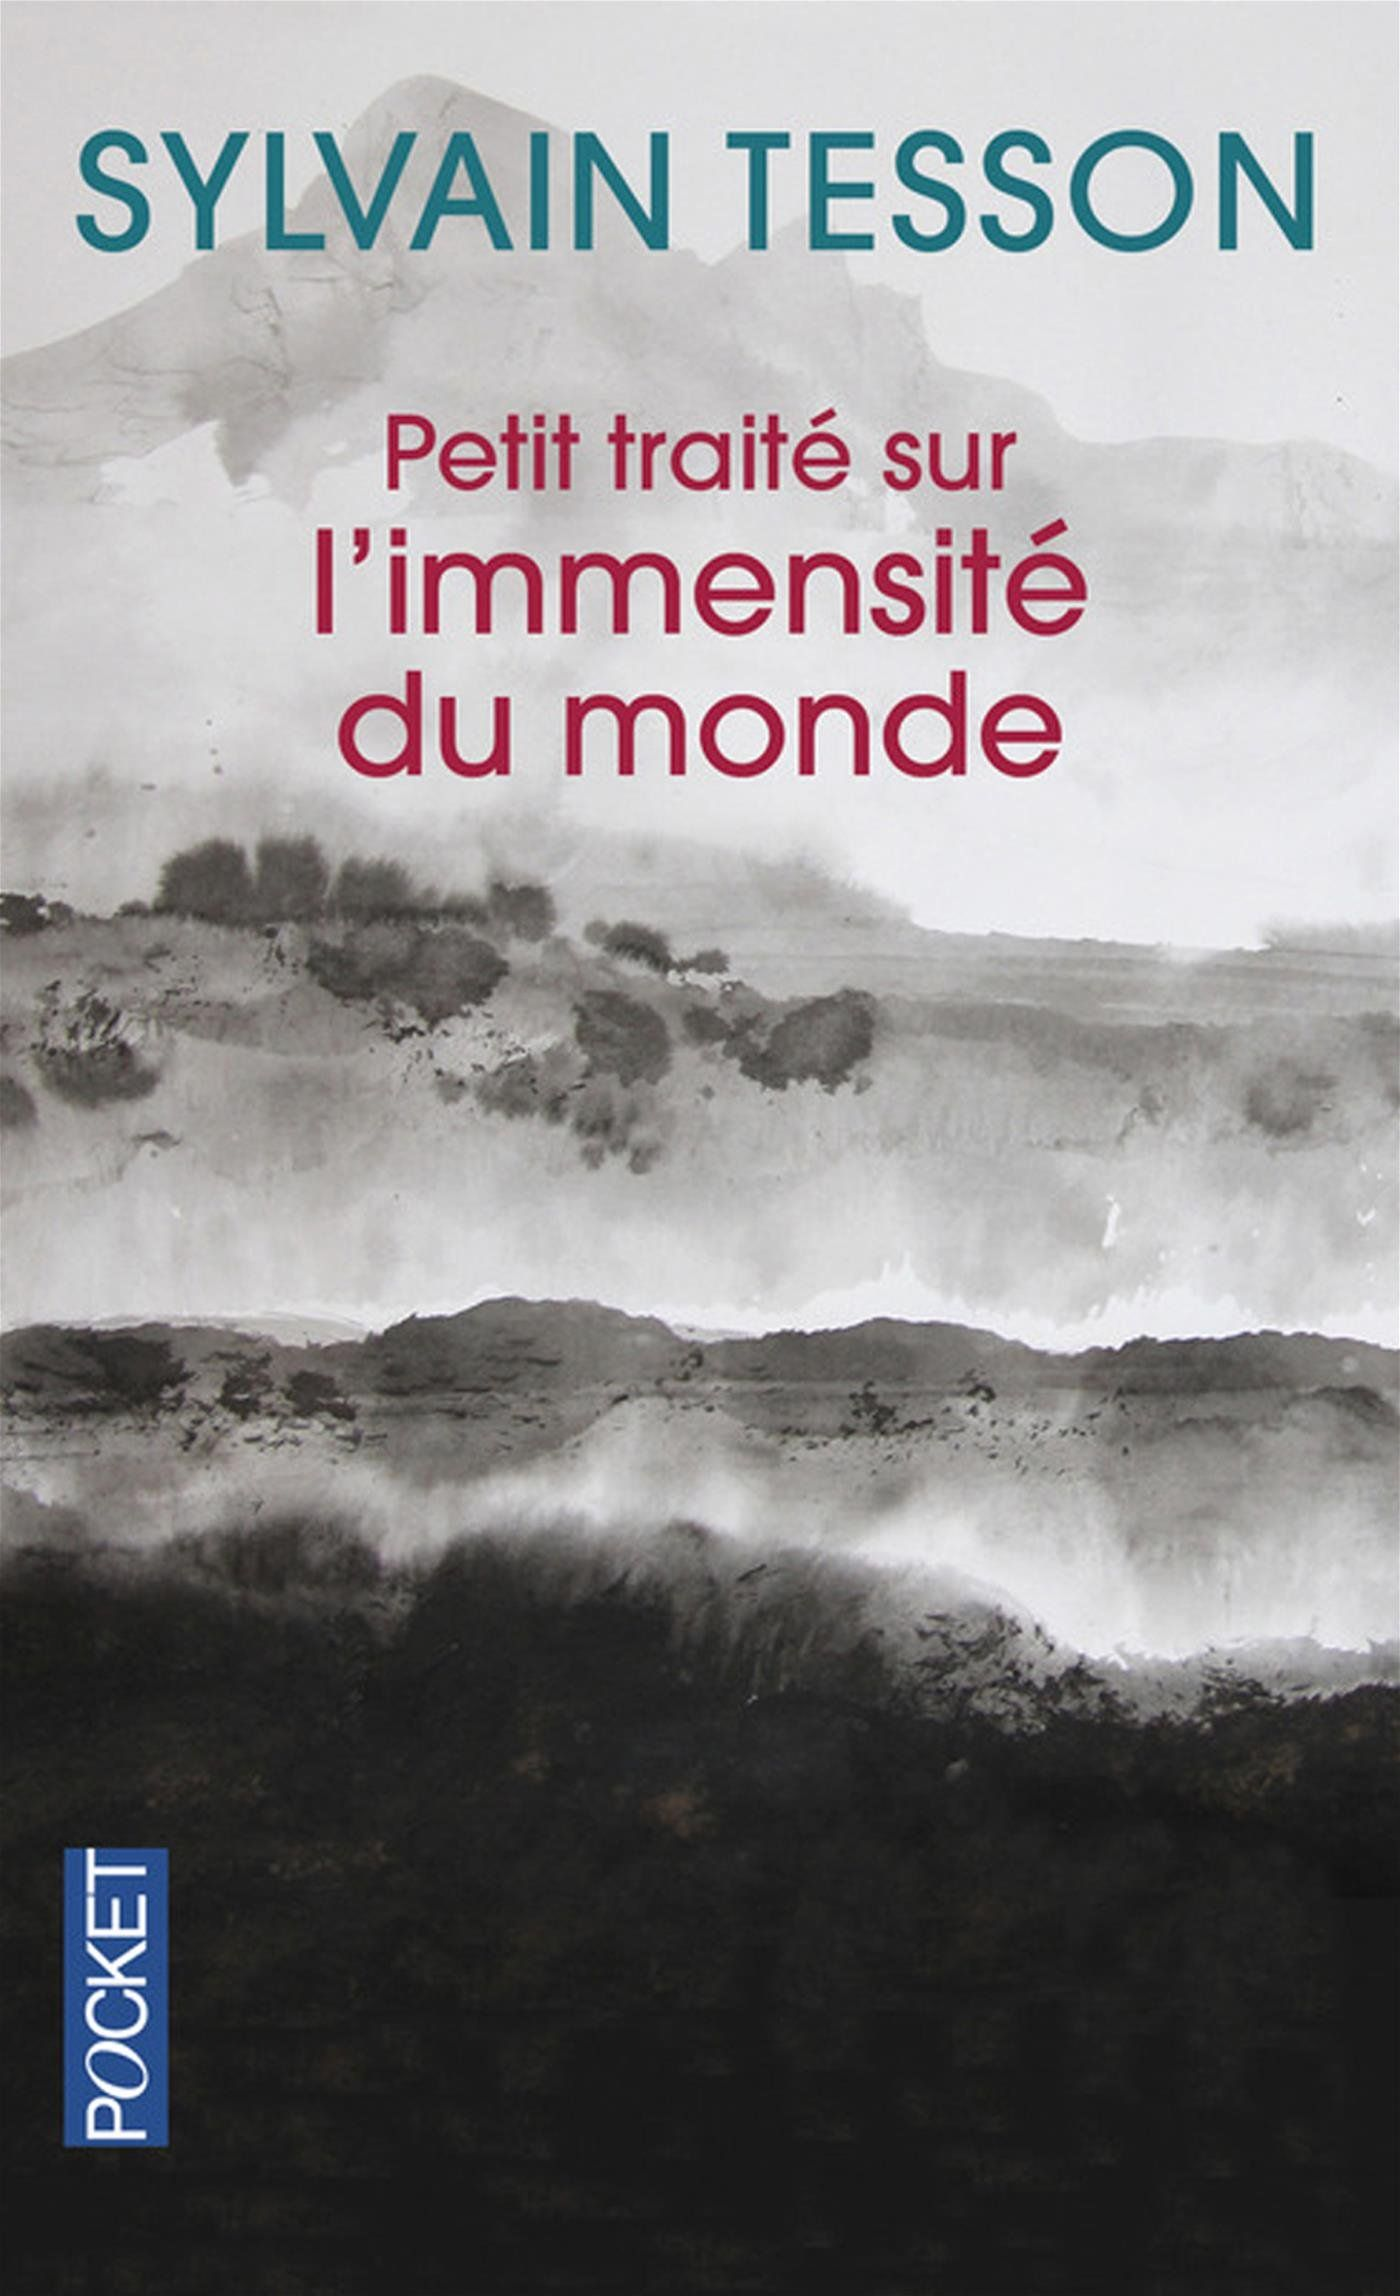 Amazon.fr - Petit traité sur l'immensité du monde - Sylvain TESSON - Livres